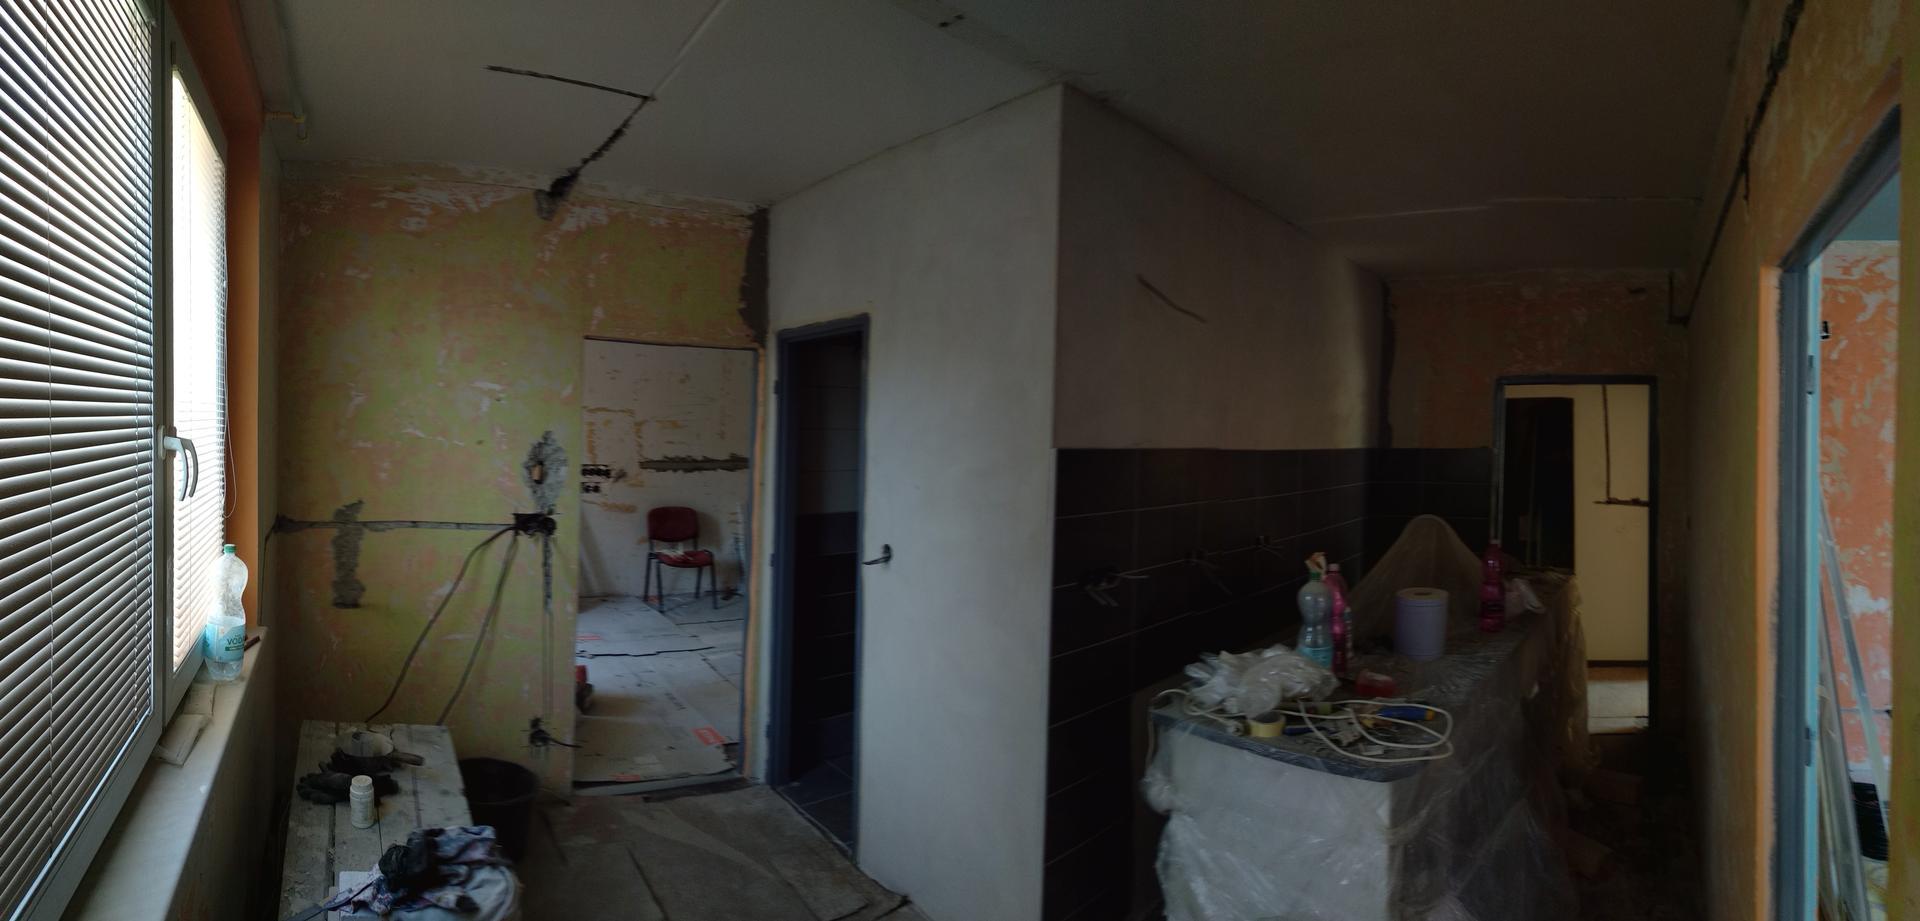 Náš první byt 3+1 do rozjezdu - Obrázek č. 17